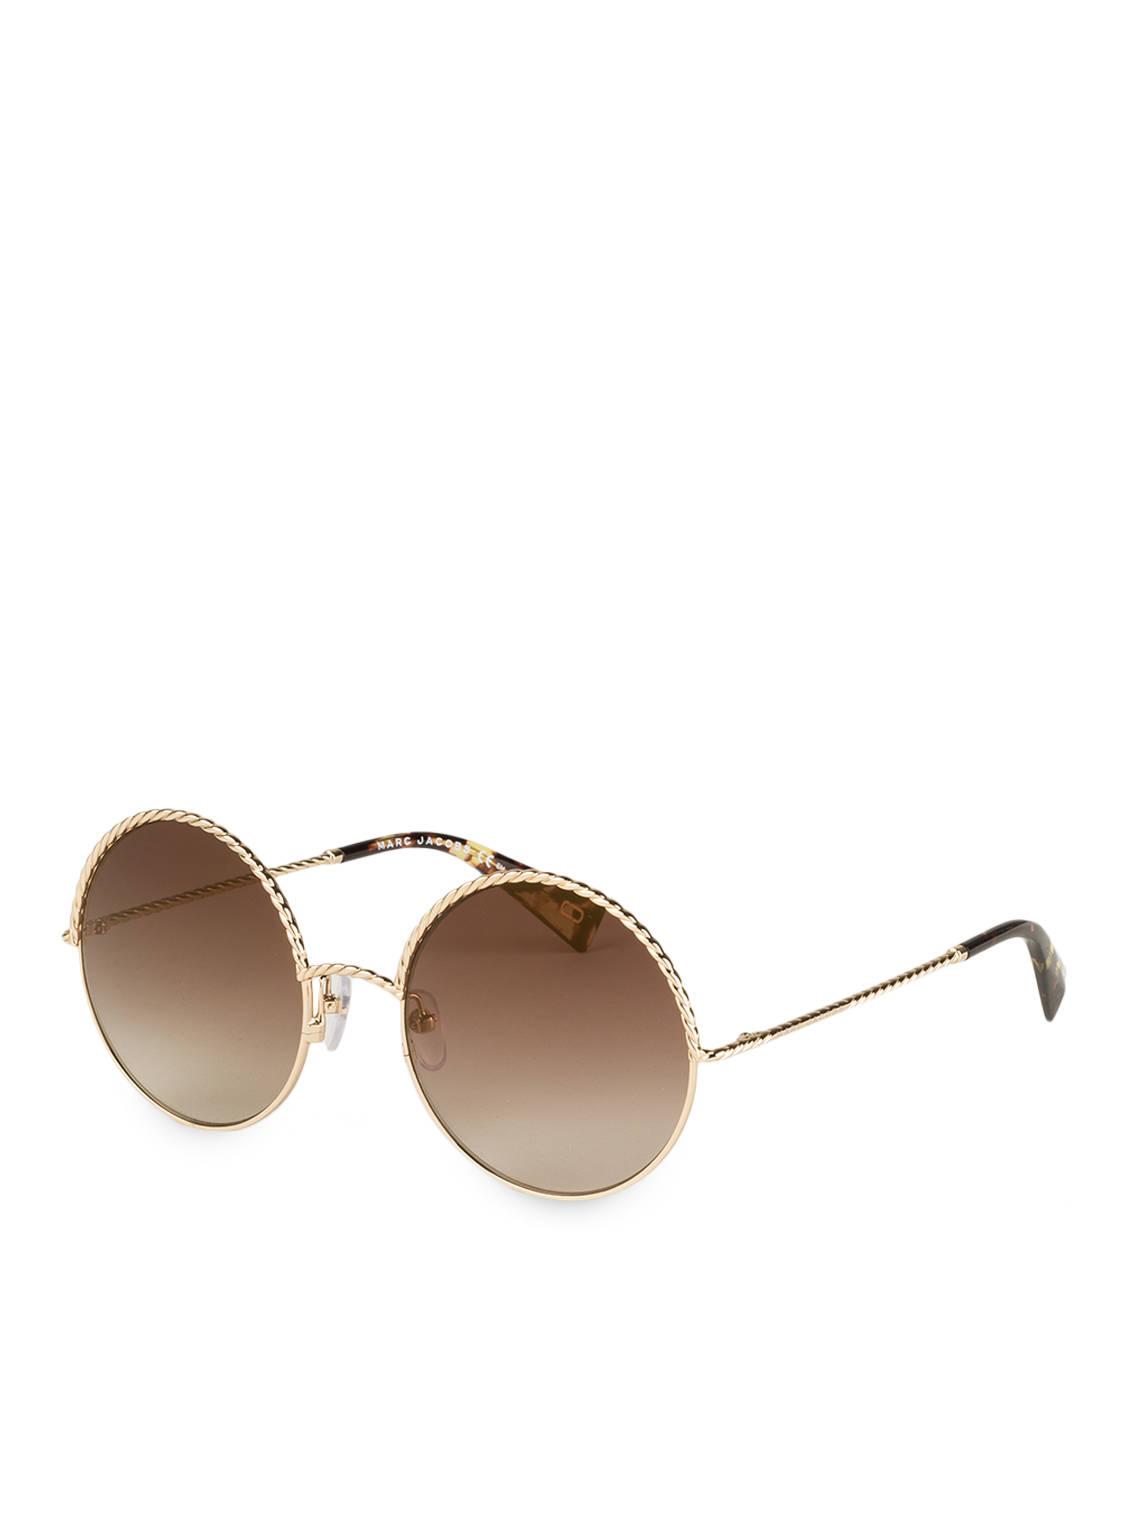 Sonnenbrille MARC 169/S von MARC JACOBS bei Breuninger kaufen